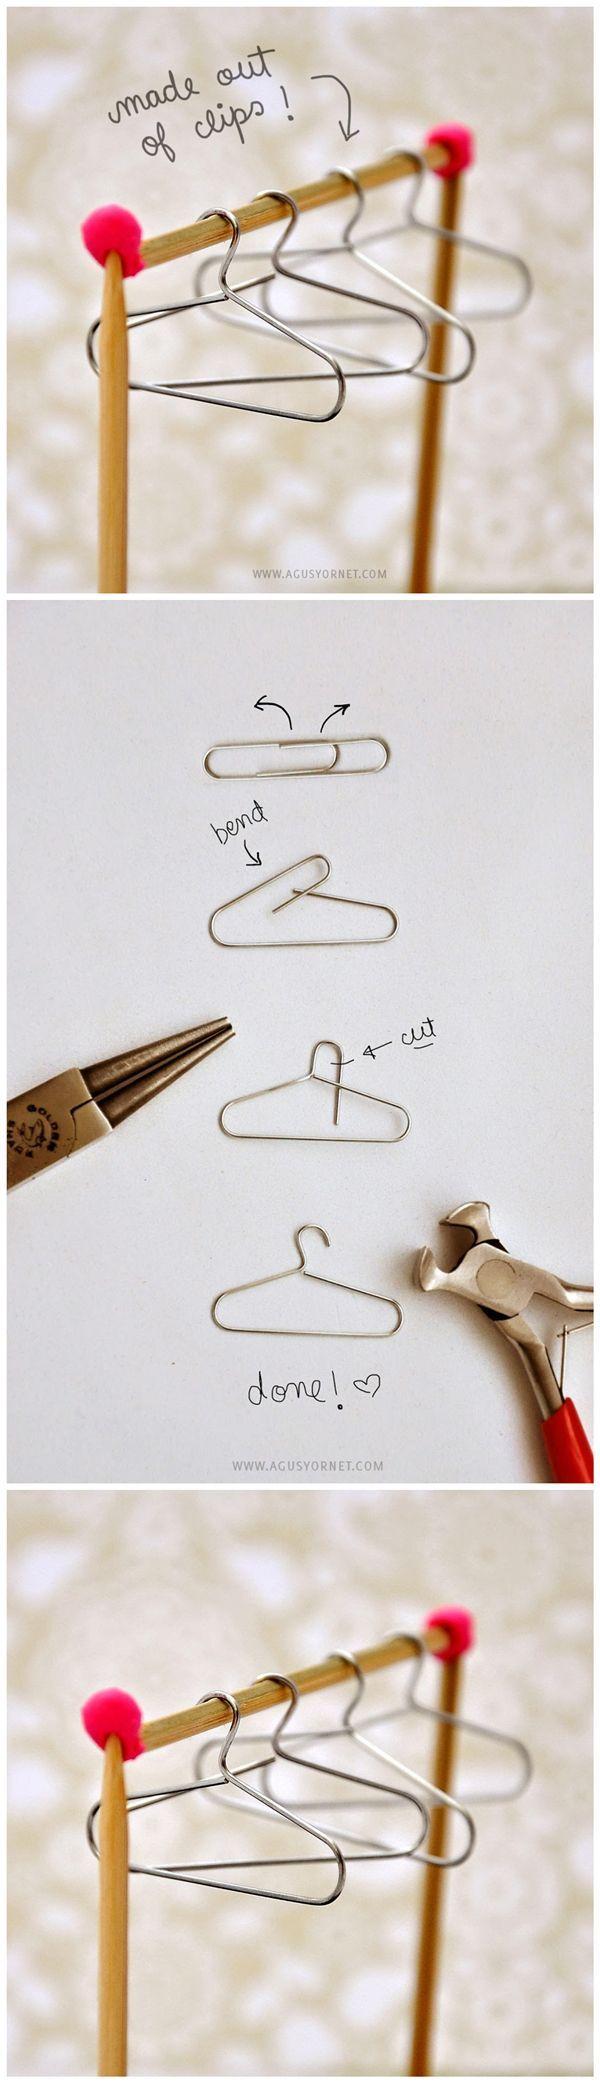 Diy crée des minuscules cintres.